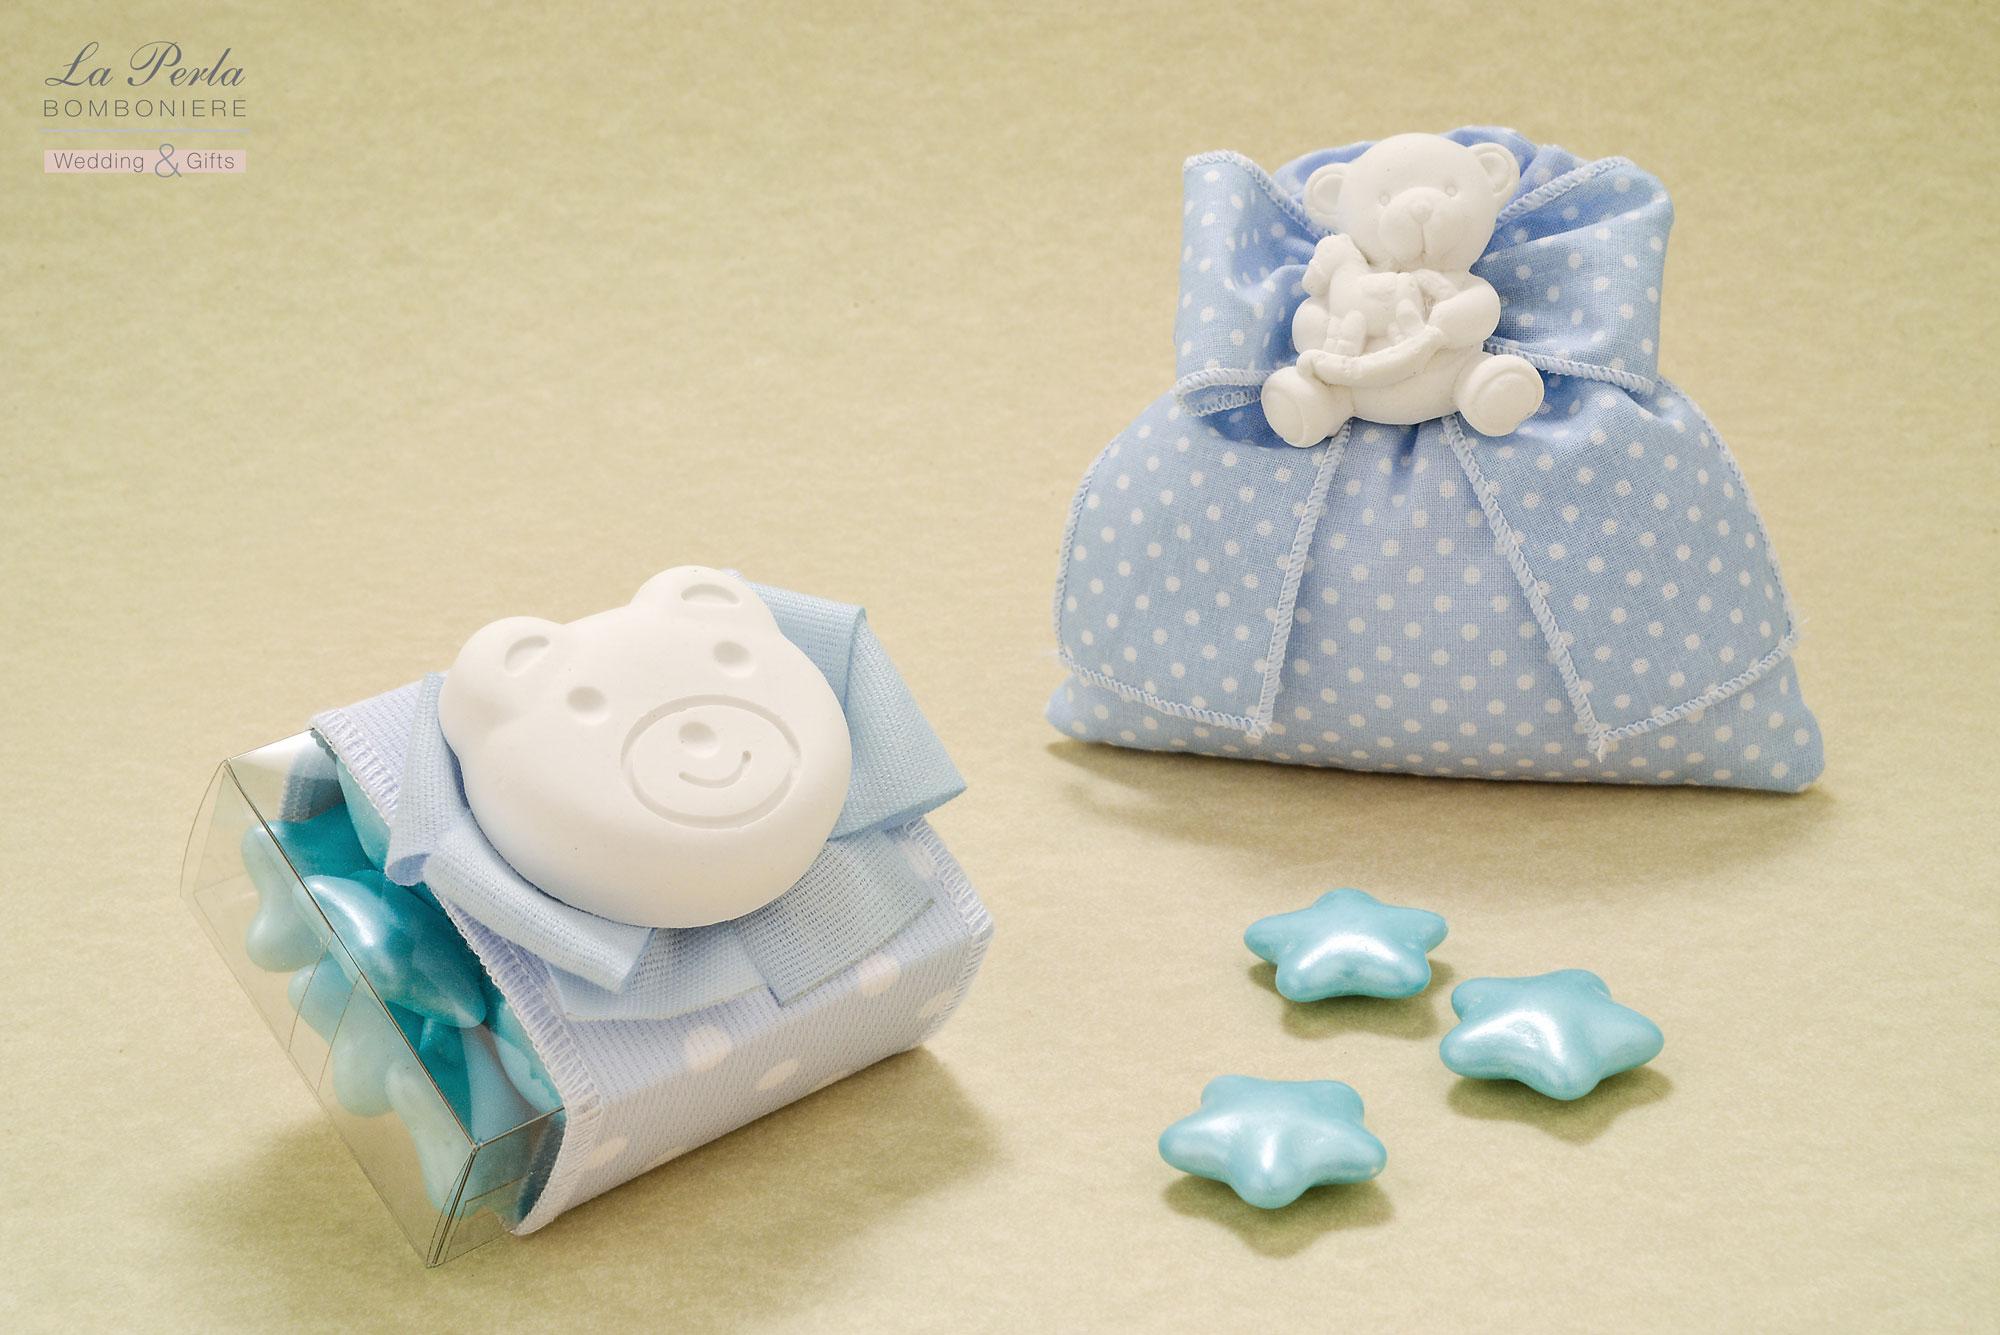 Gessetto profumato a forma di Orsetto con calamita, applicato sul sacchettino e scatolina in tessuto di cotone a pois, made in Italy. Possibilità di scegliere gli animaletti simpatici.